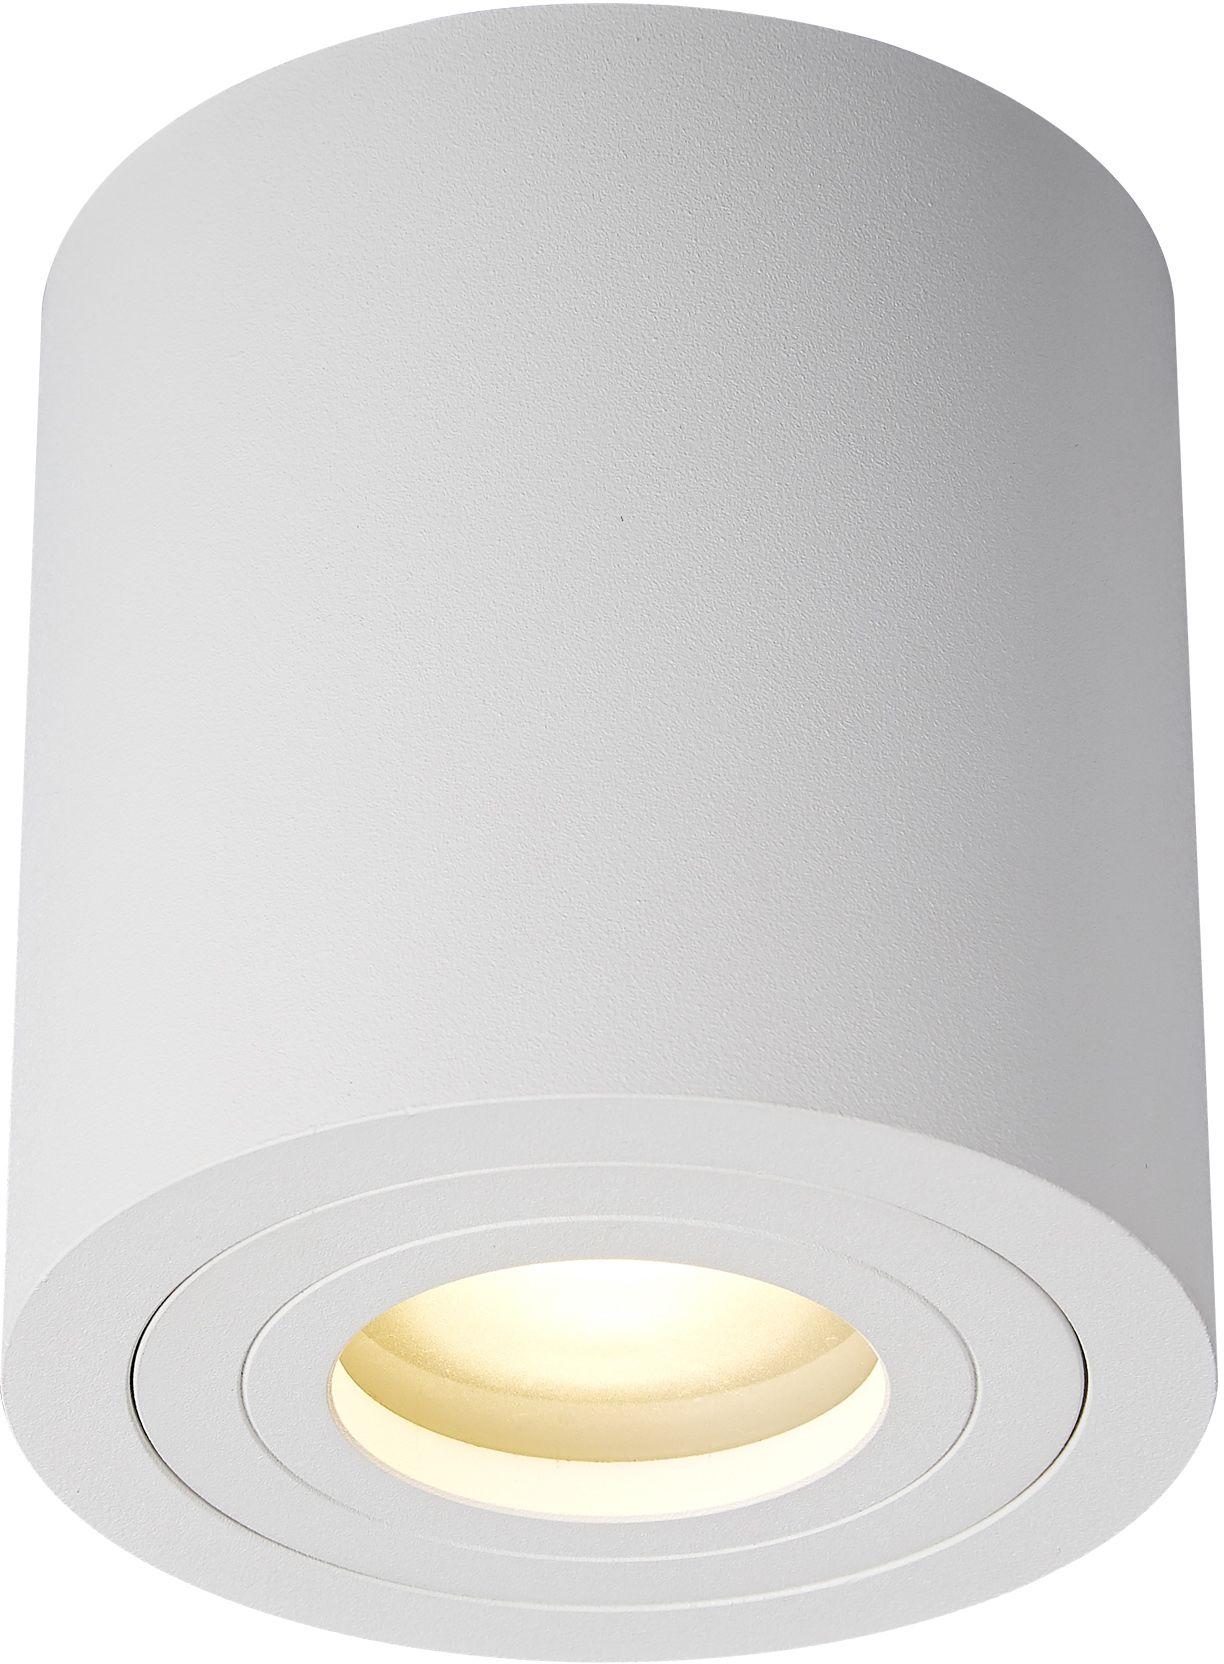 Rondip tuba łazienkowa IP44 biała ACGU10-158 - Zuma Line // Rabaty w koszyku i darmowa dostawa od 299zł !